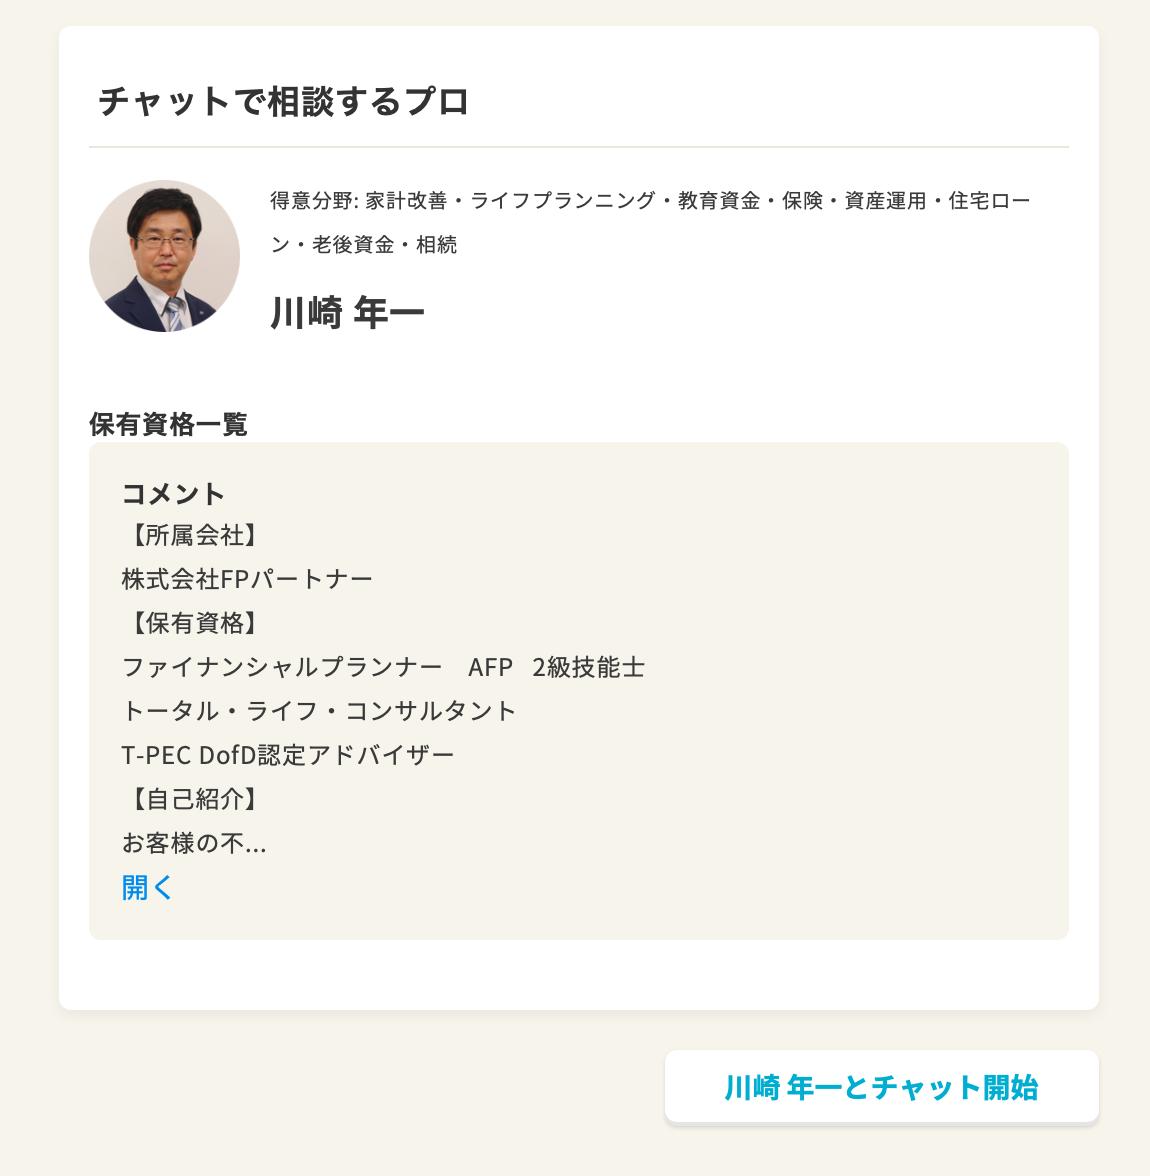 f:id:kenta_furumi_400f:20200517103343p:plain